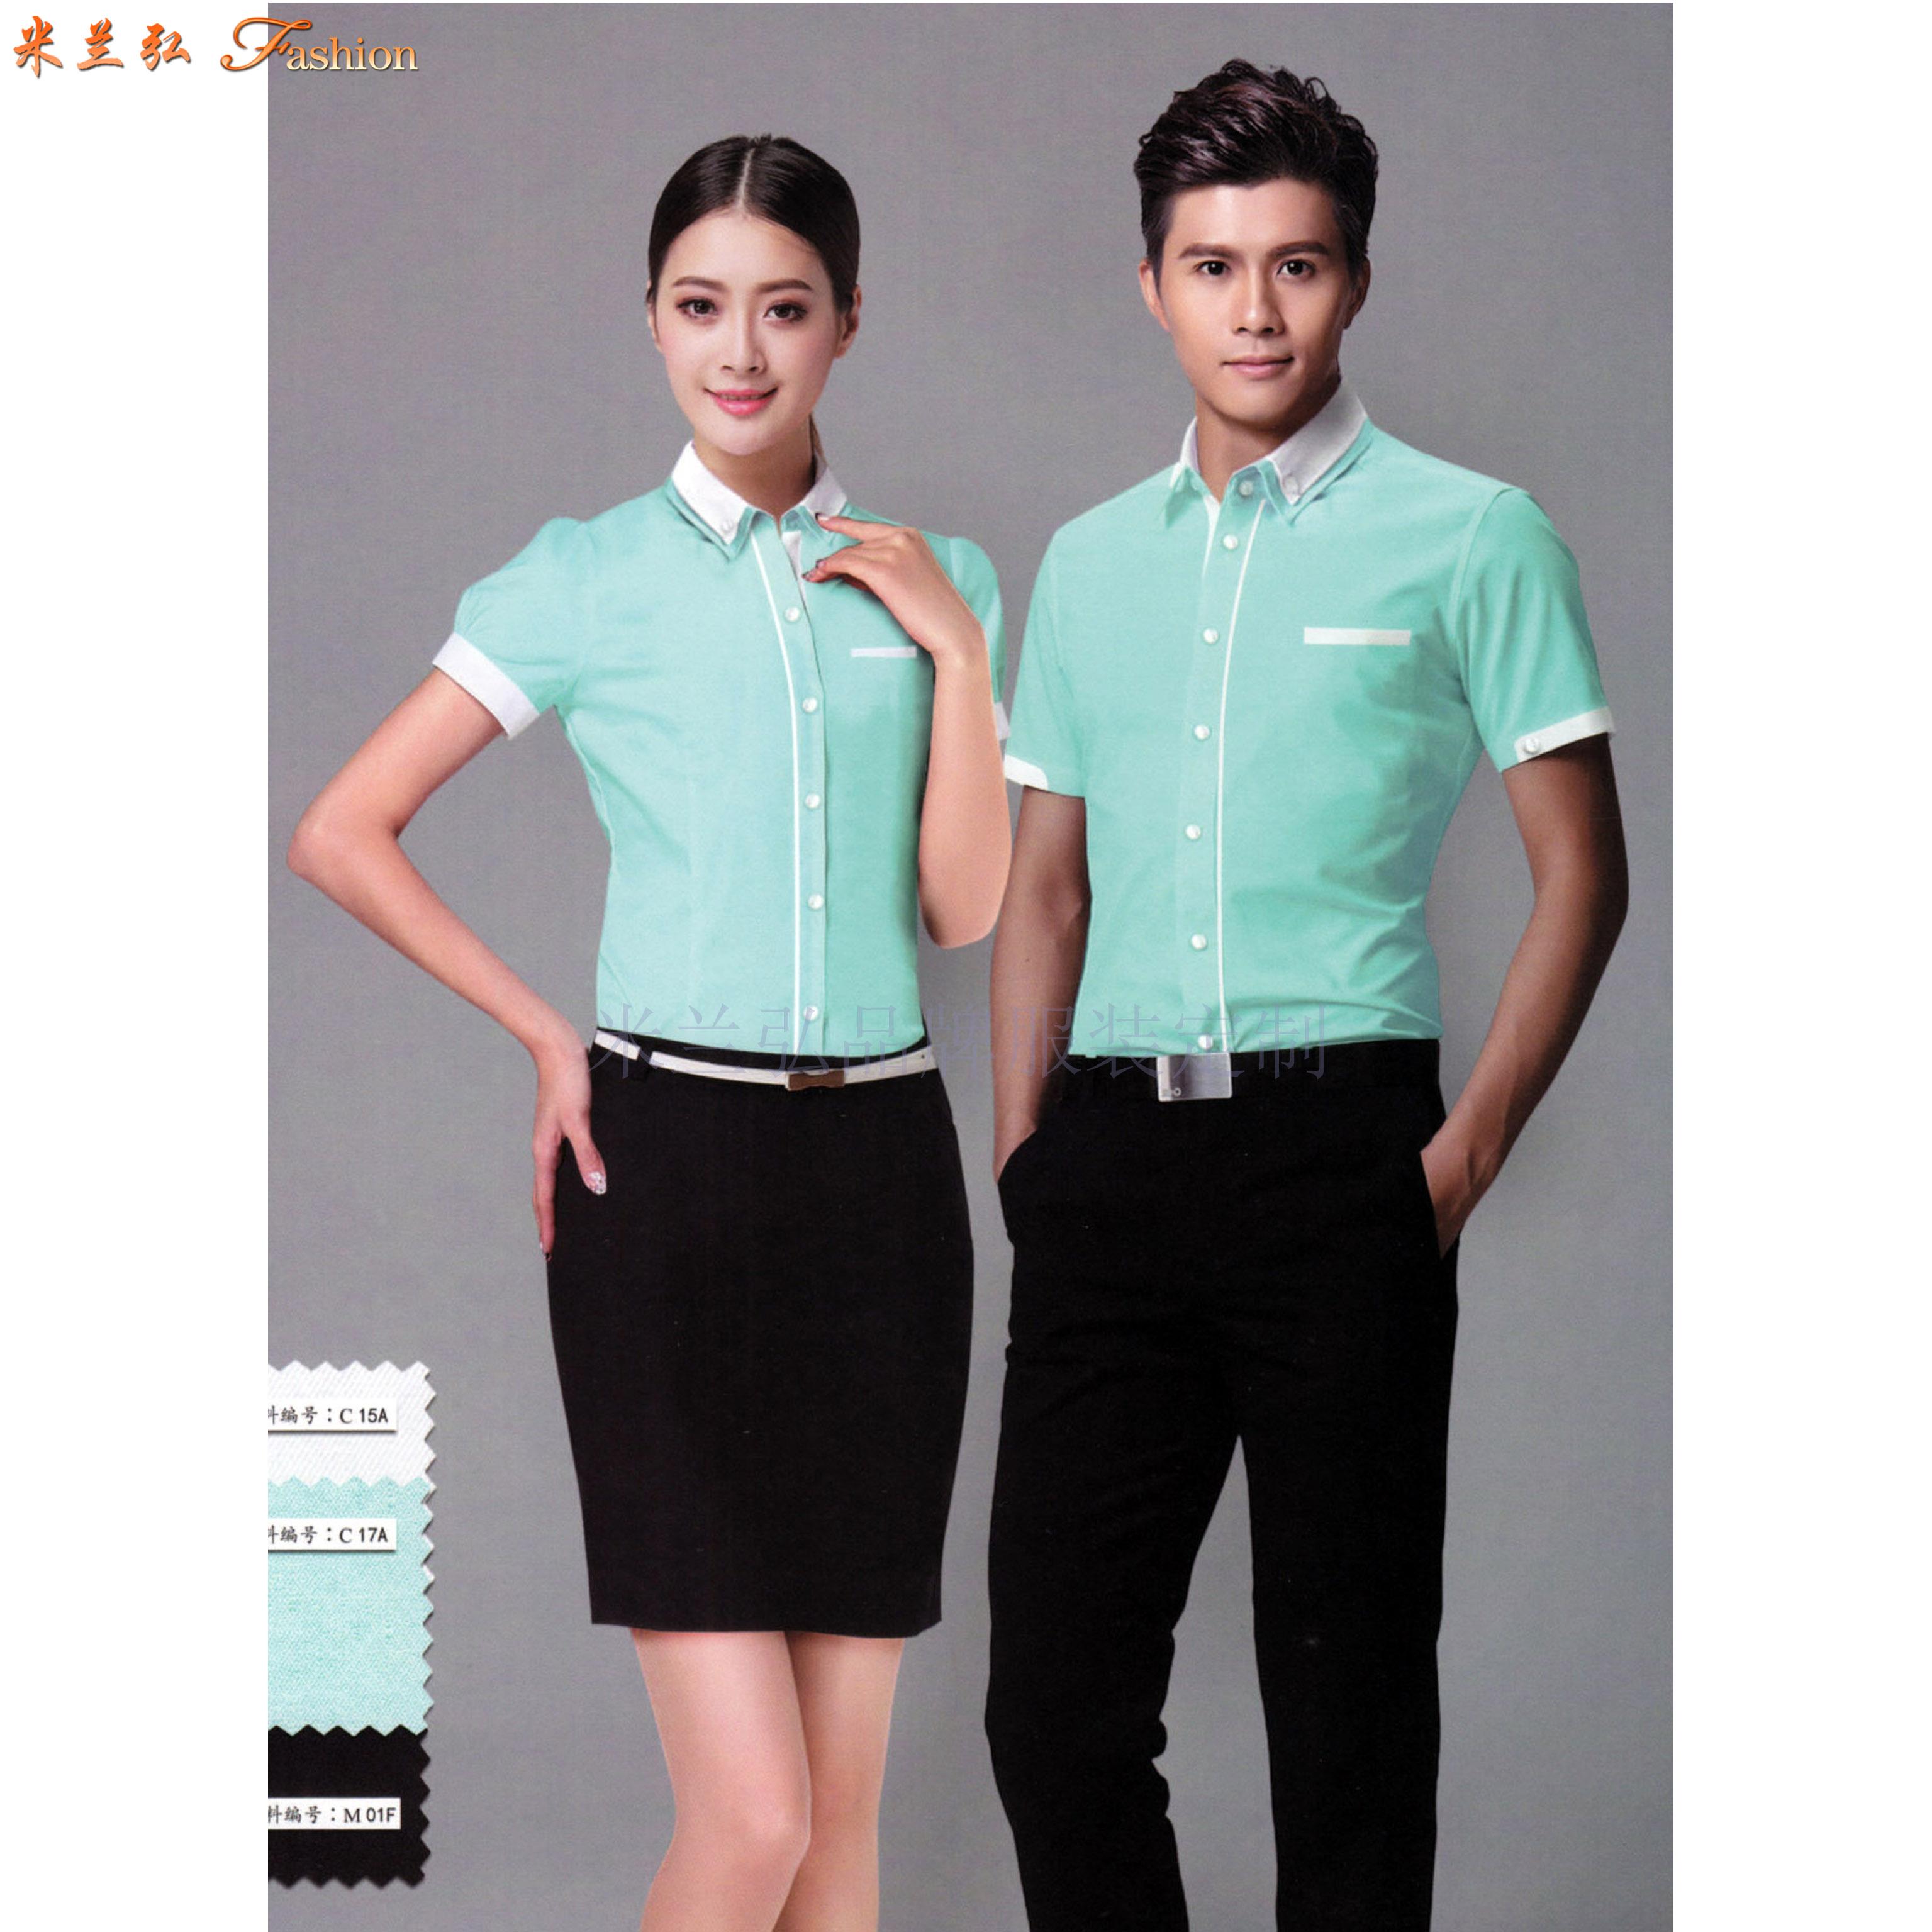 「山东衬衫定制」「济南市衬衫定做」性价比高衬衫-米兰弘服装-3